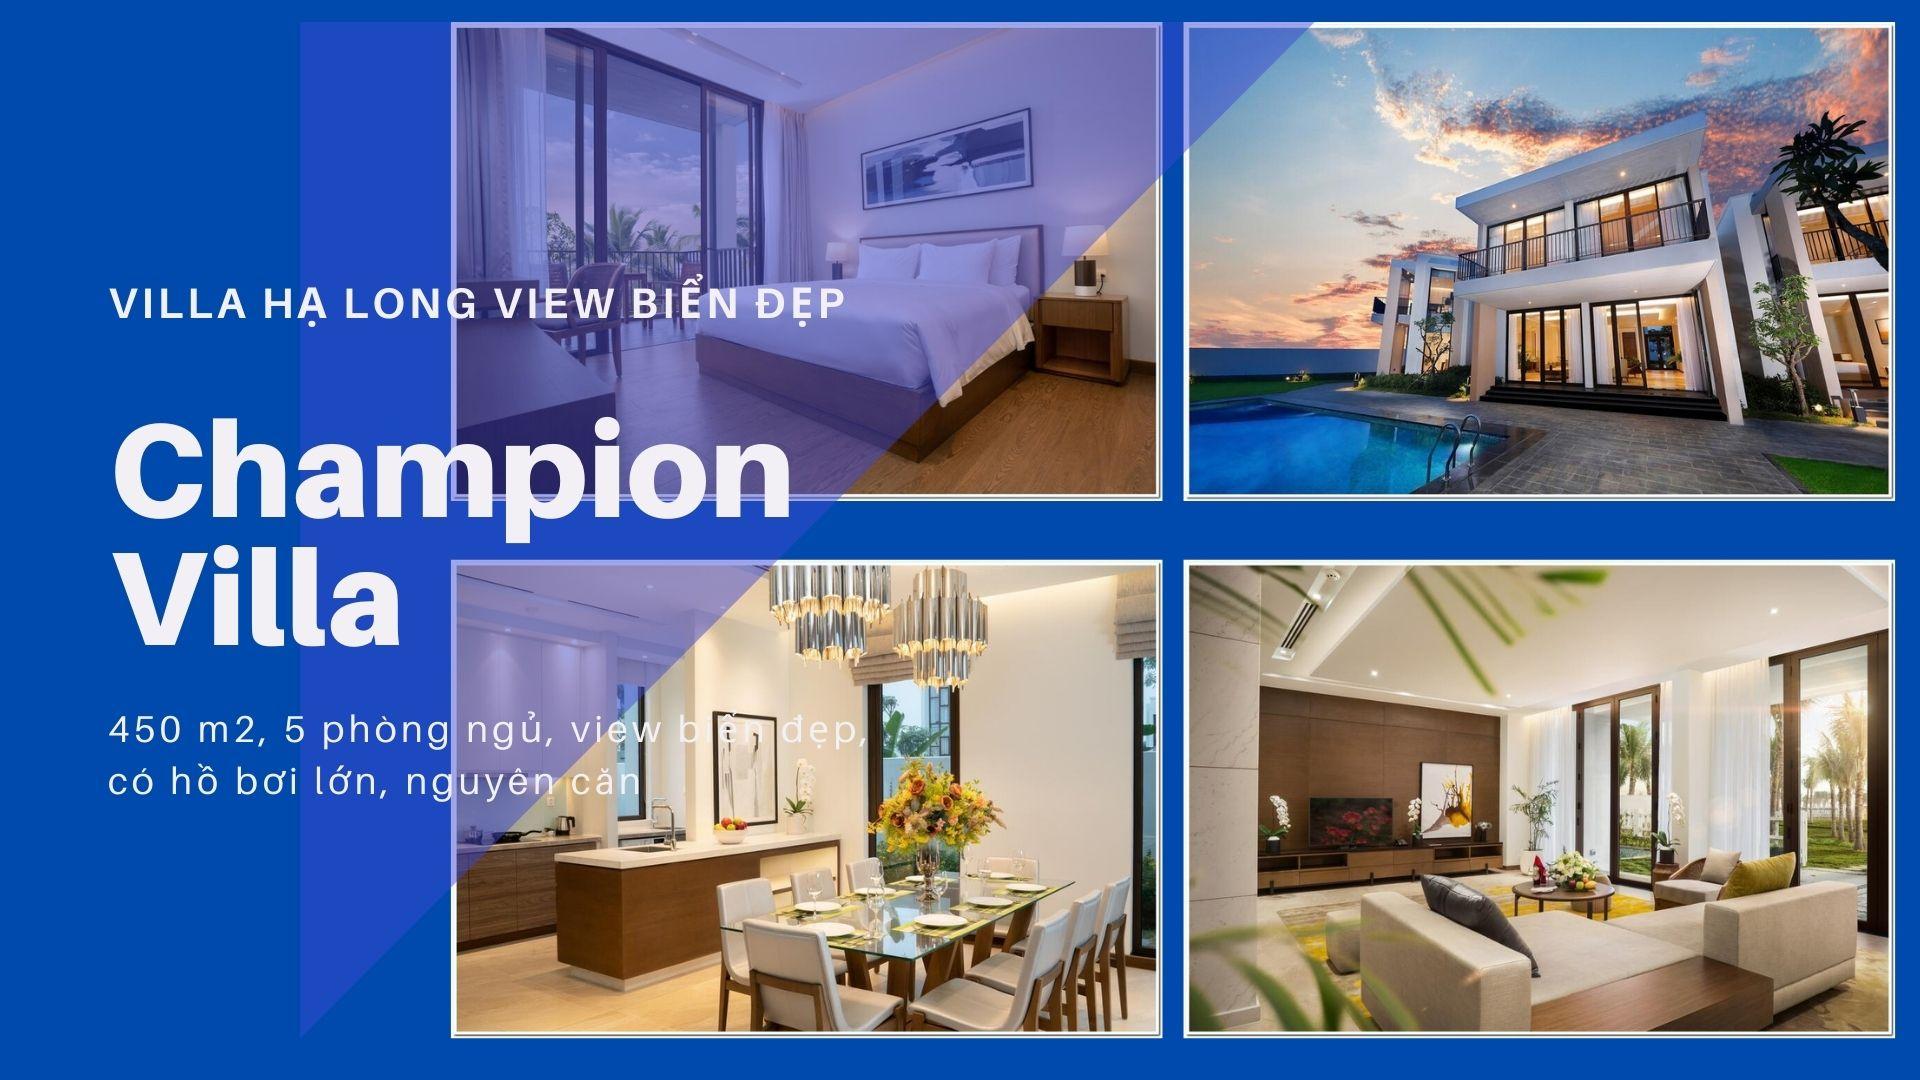 Top 10 Biệt thự FLC villa Hạ Long giá rẻ đẹp view biển có hồ bơi cho thuê